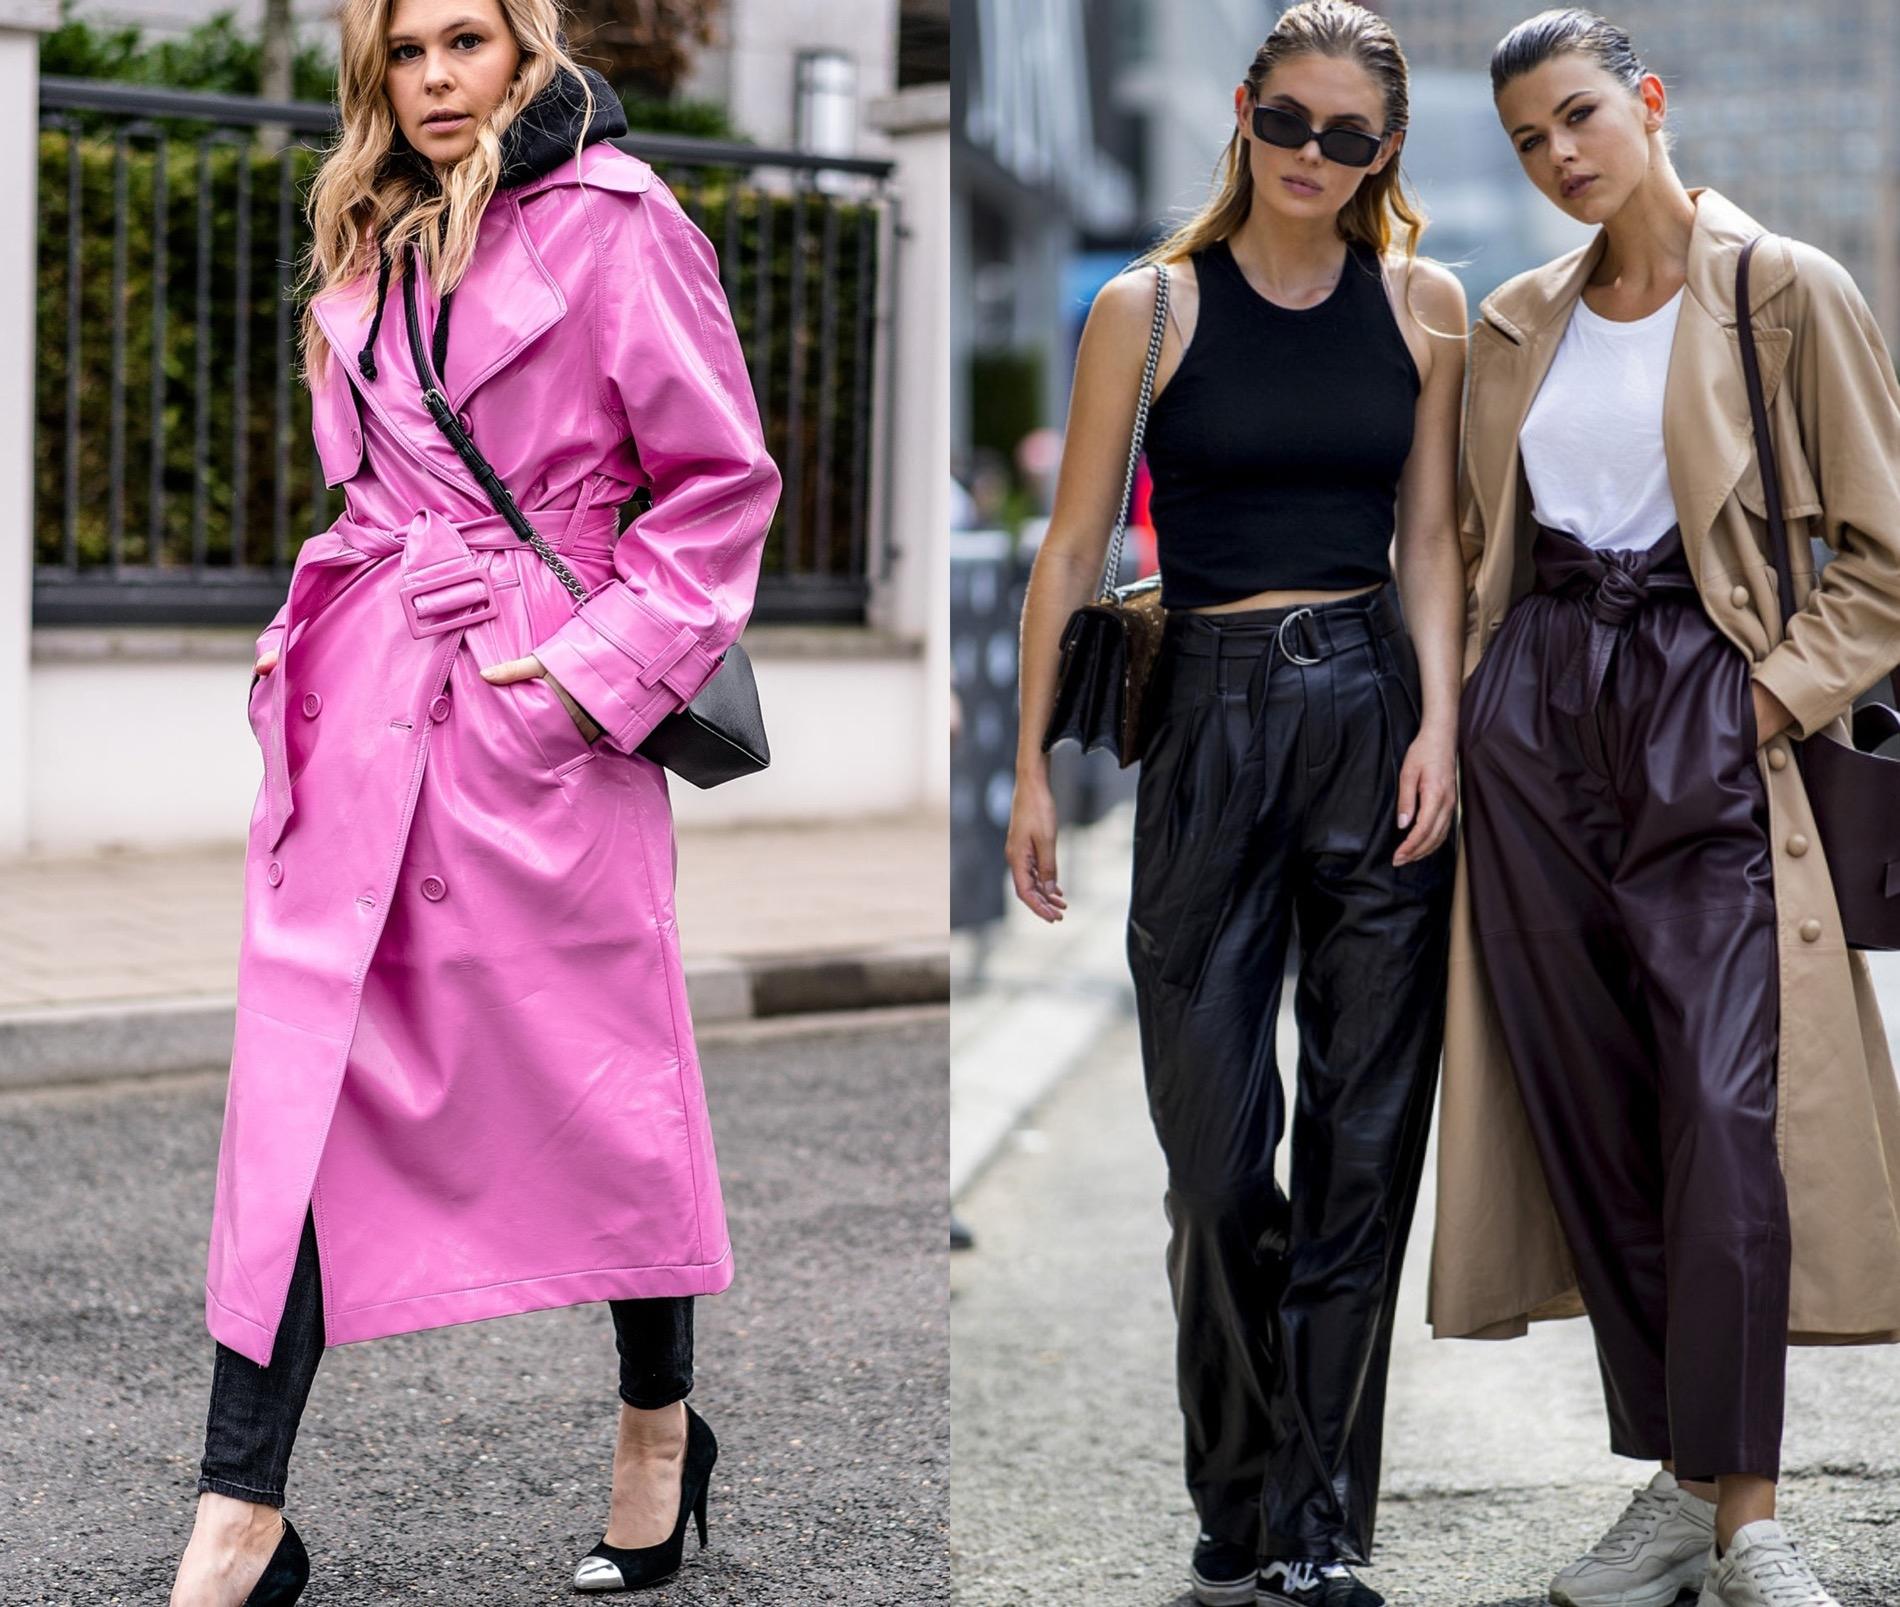 Тепло и стильно: самые модные осенние образы 2021 года (ФОТО) - фото №6